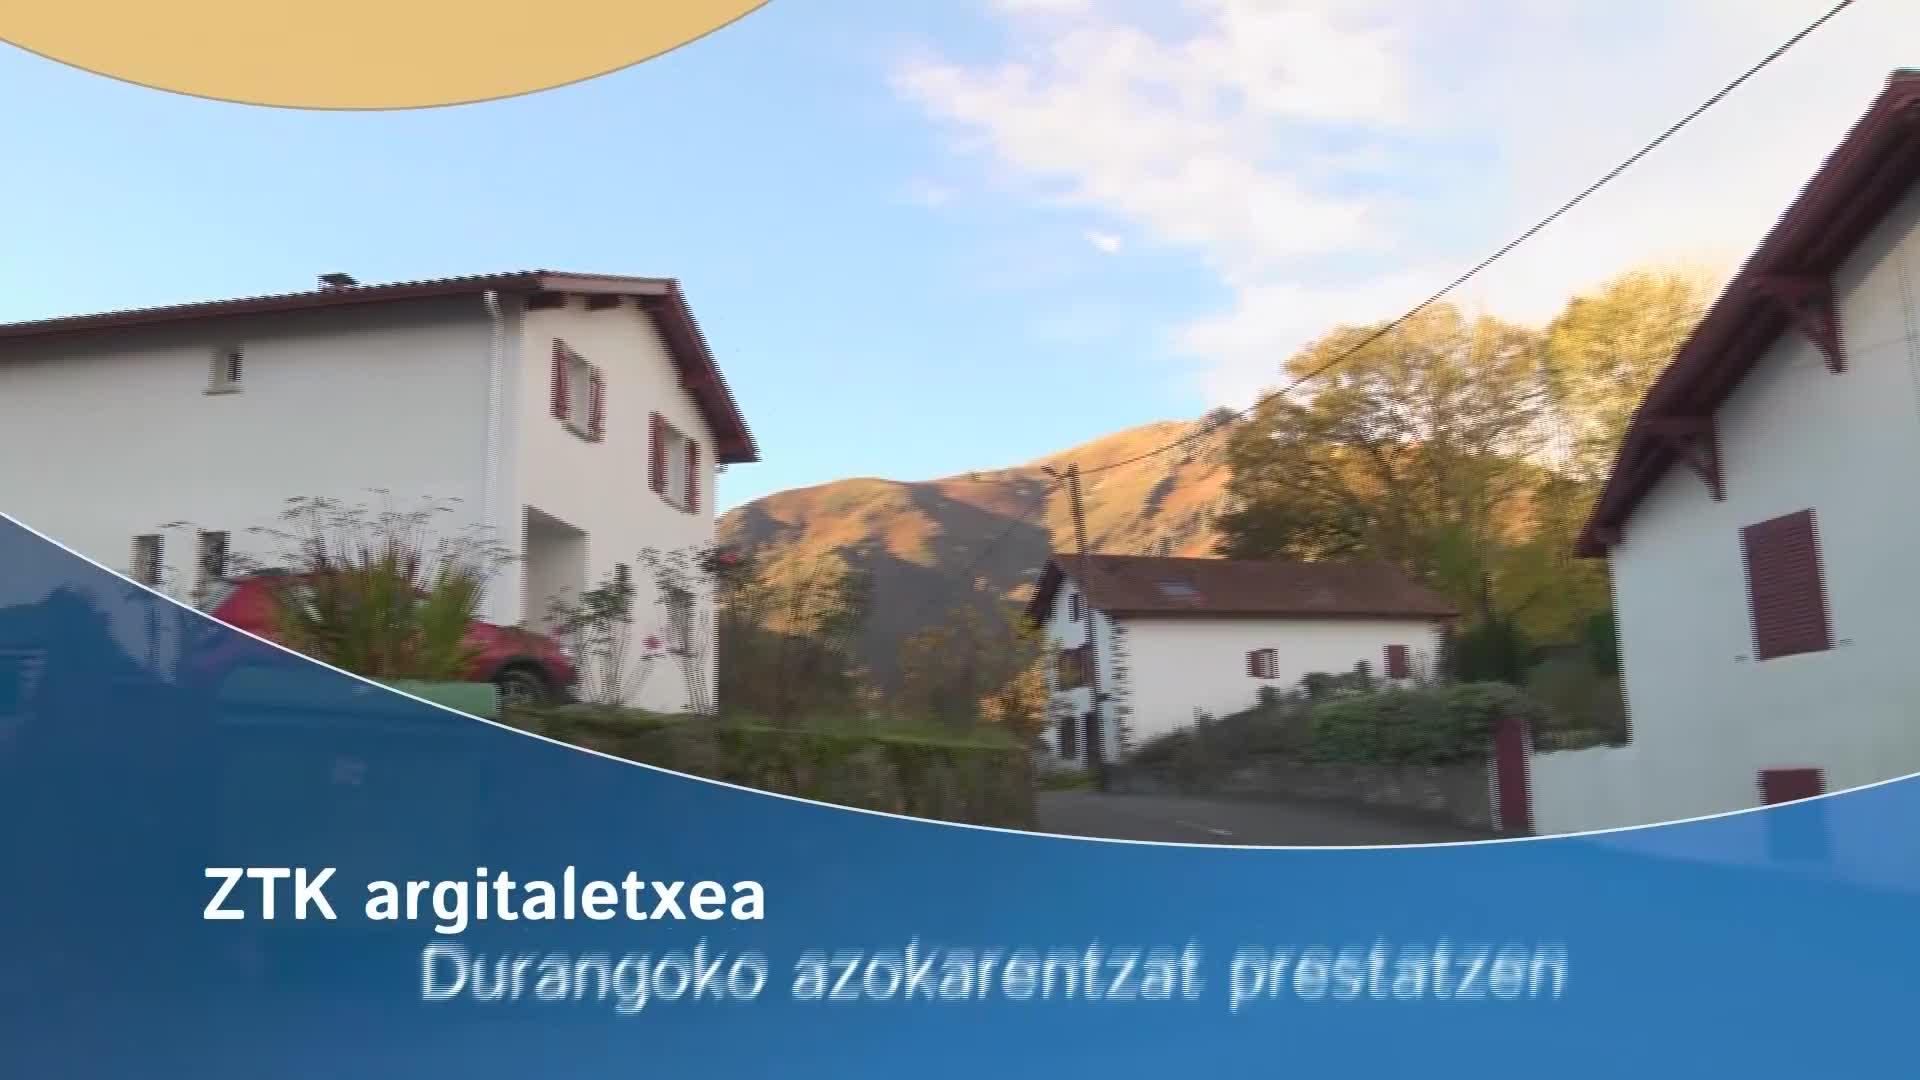 ZTK argitaletxea: Durangoko azokarentzat prestatzen